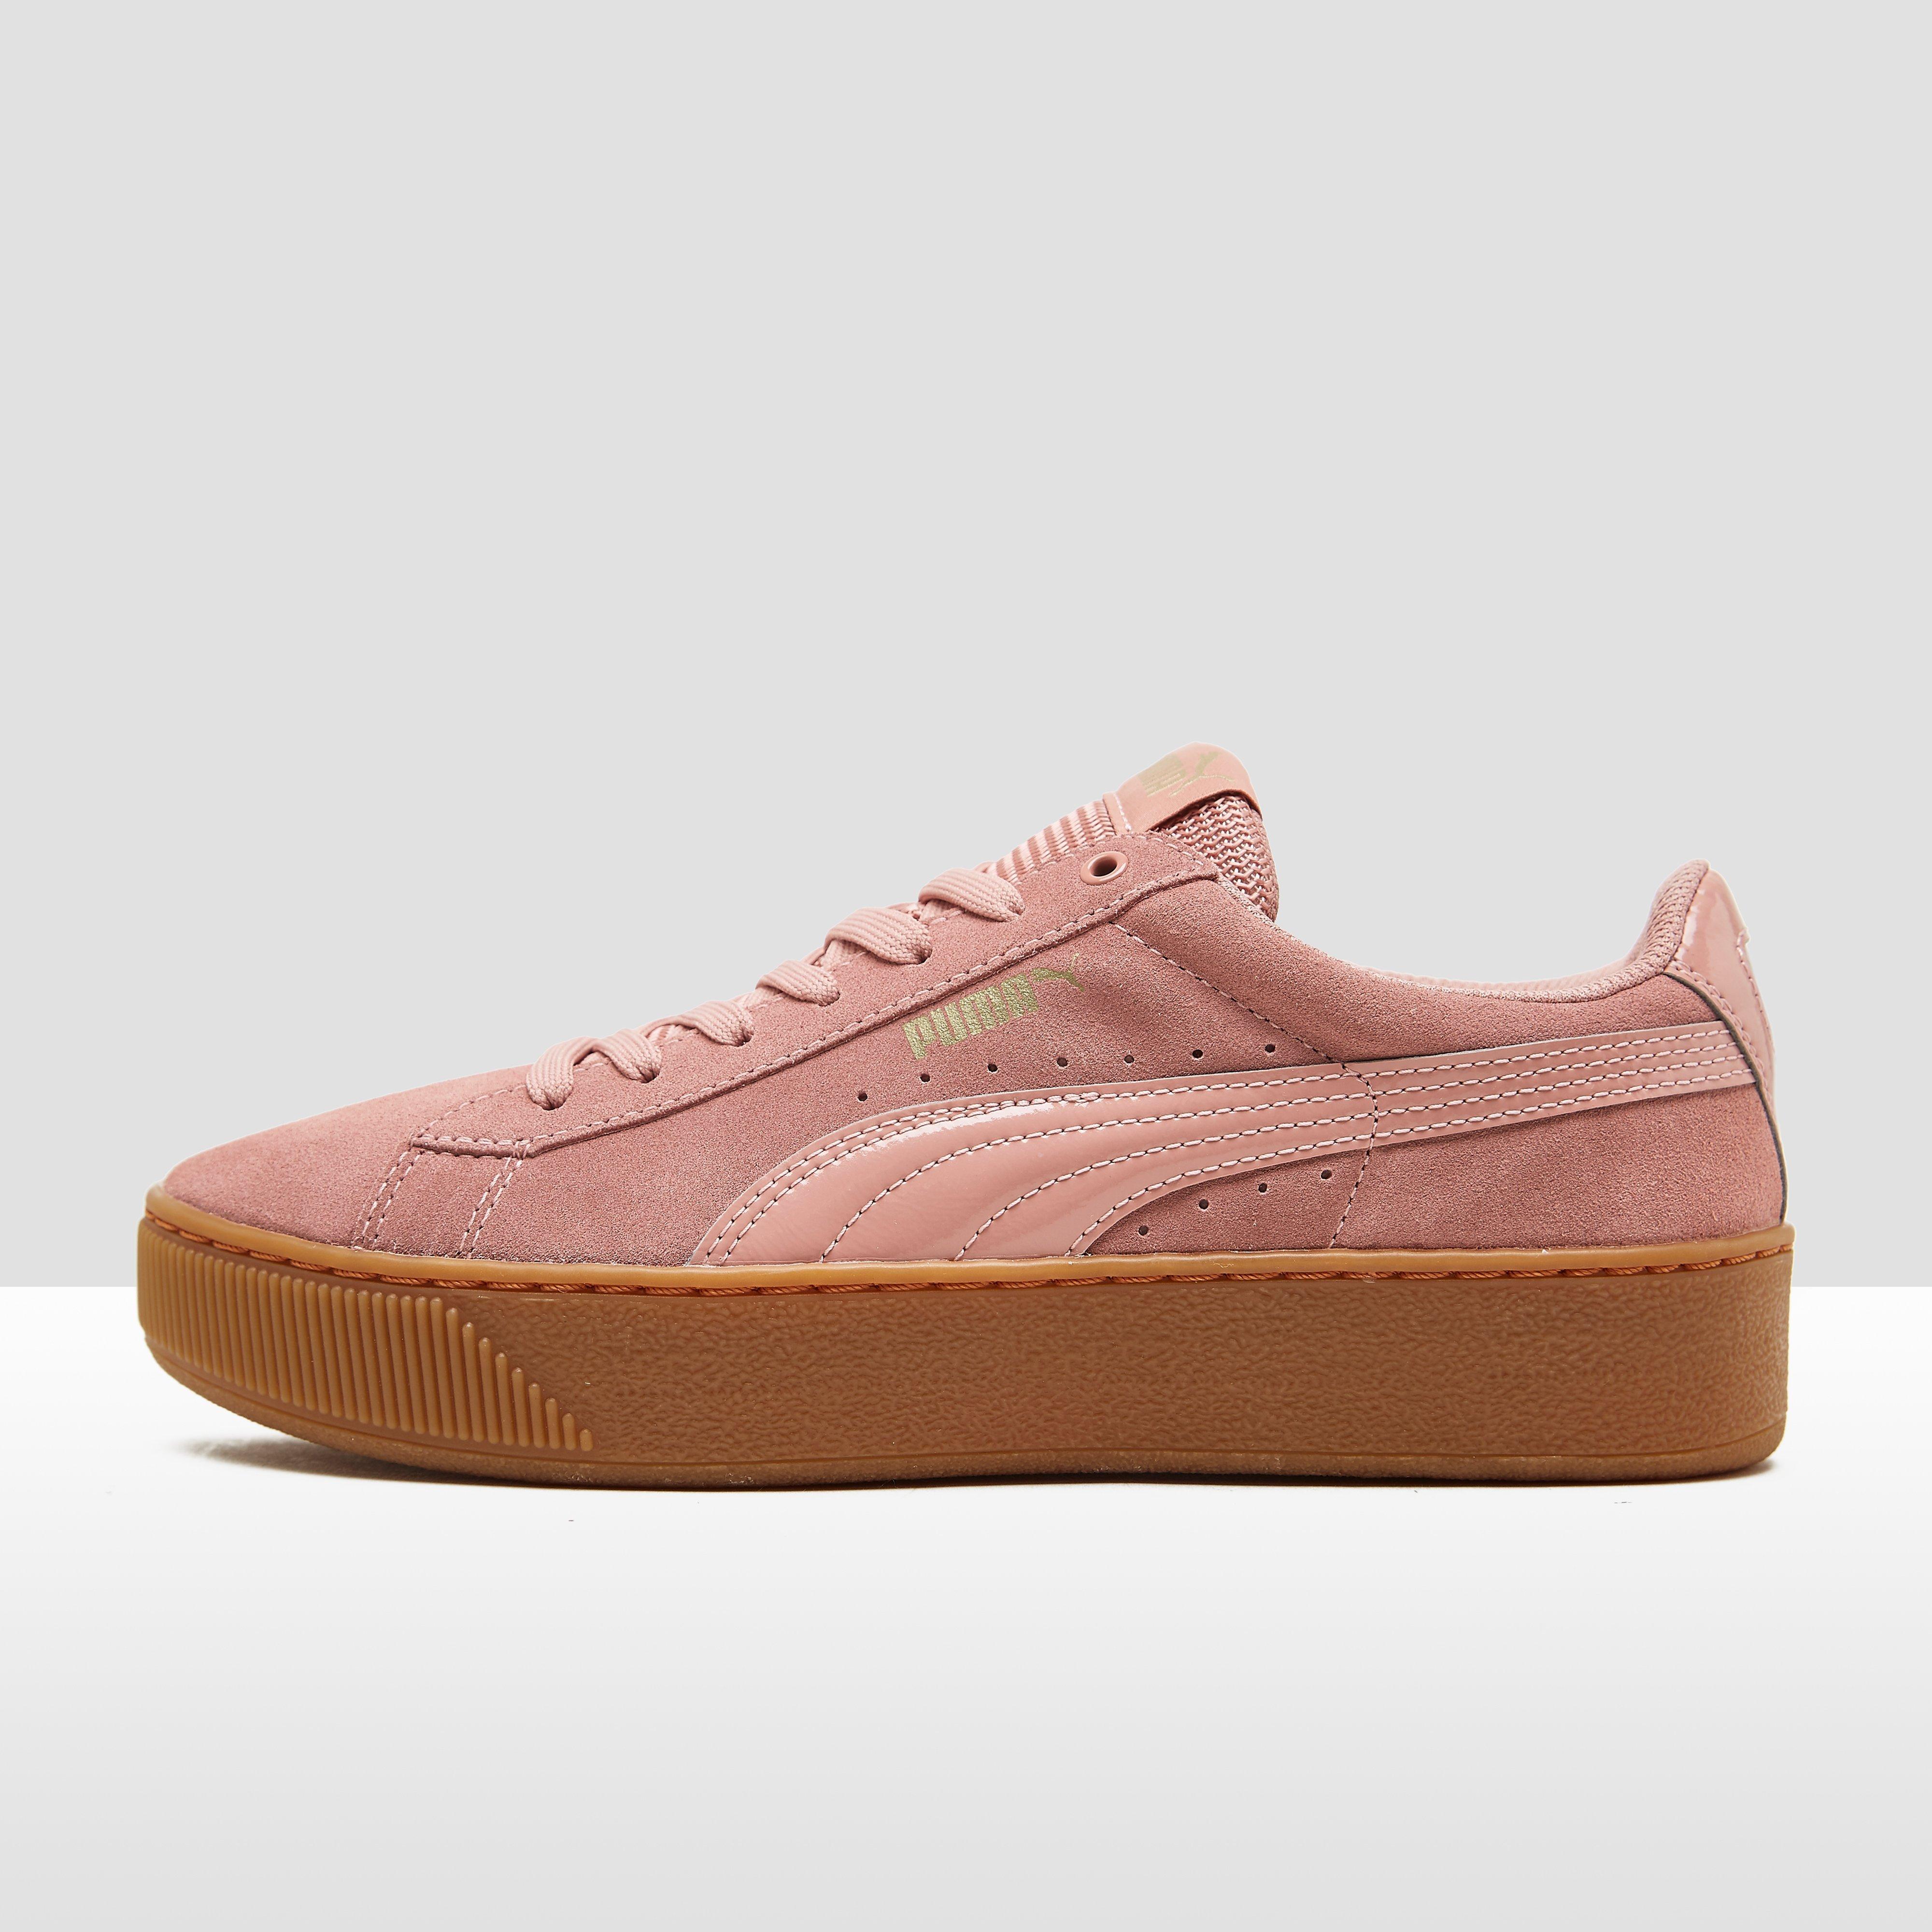 Chaussures Roses Pour Les Femmes EJzbU